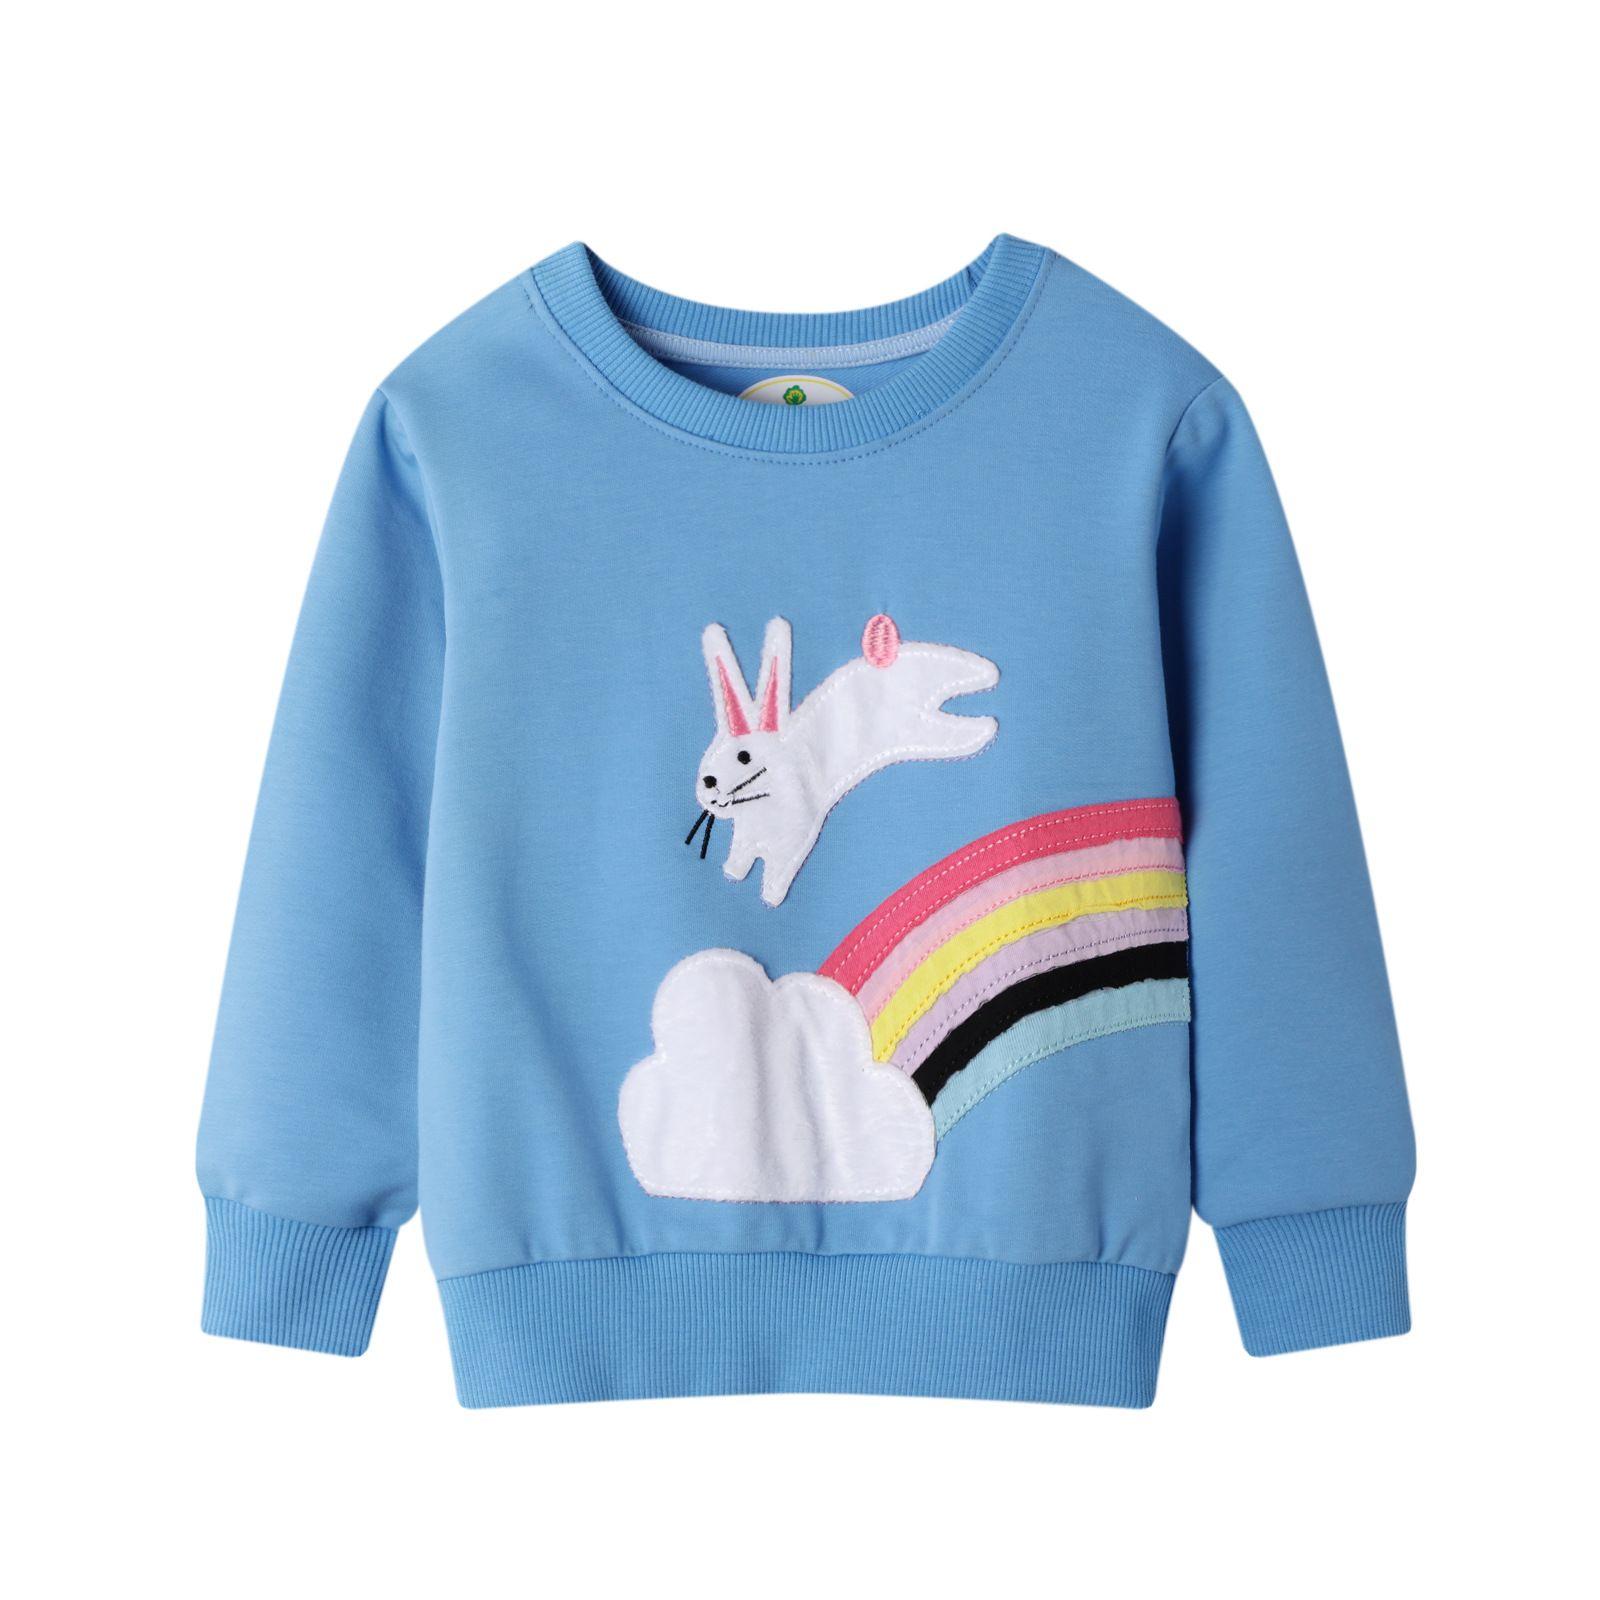 Autumn Girls Clothes Children Hoodies Cotton Kids Sweatshirts Baby Pullover Tops